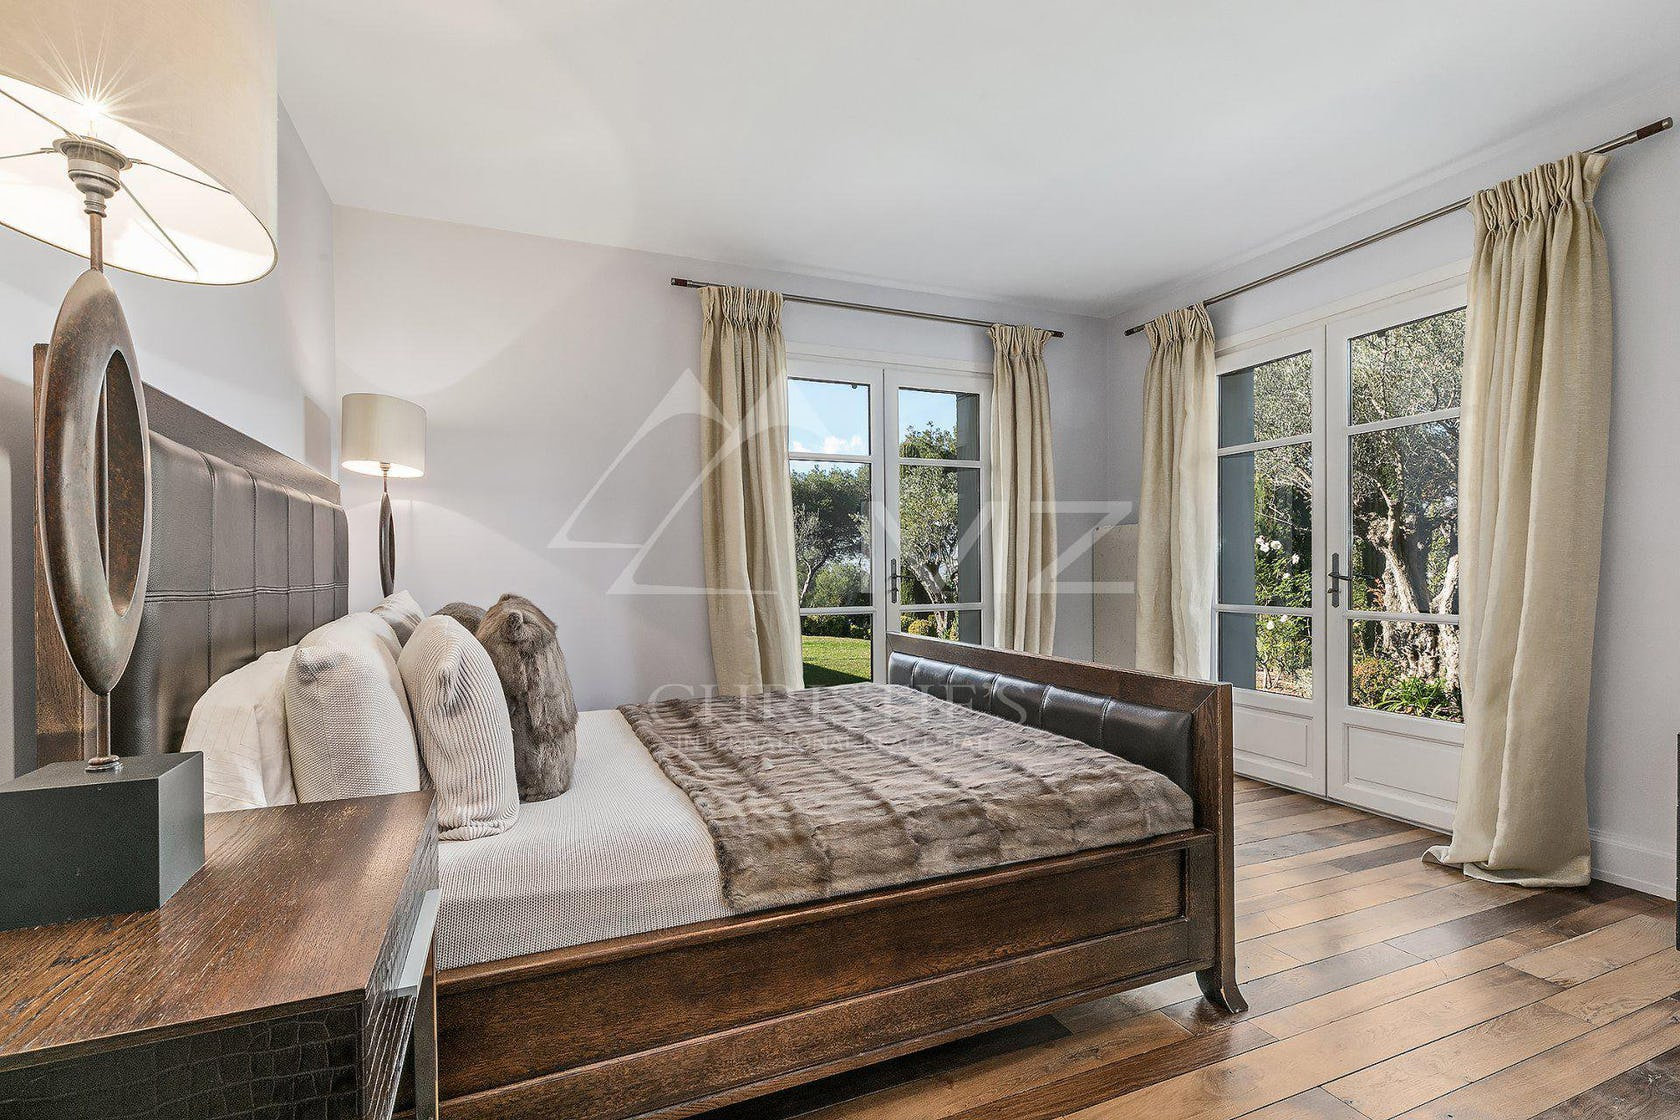 interior design indoors flooring bedroom room furniture floor wood hardwood bed